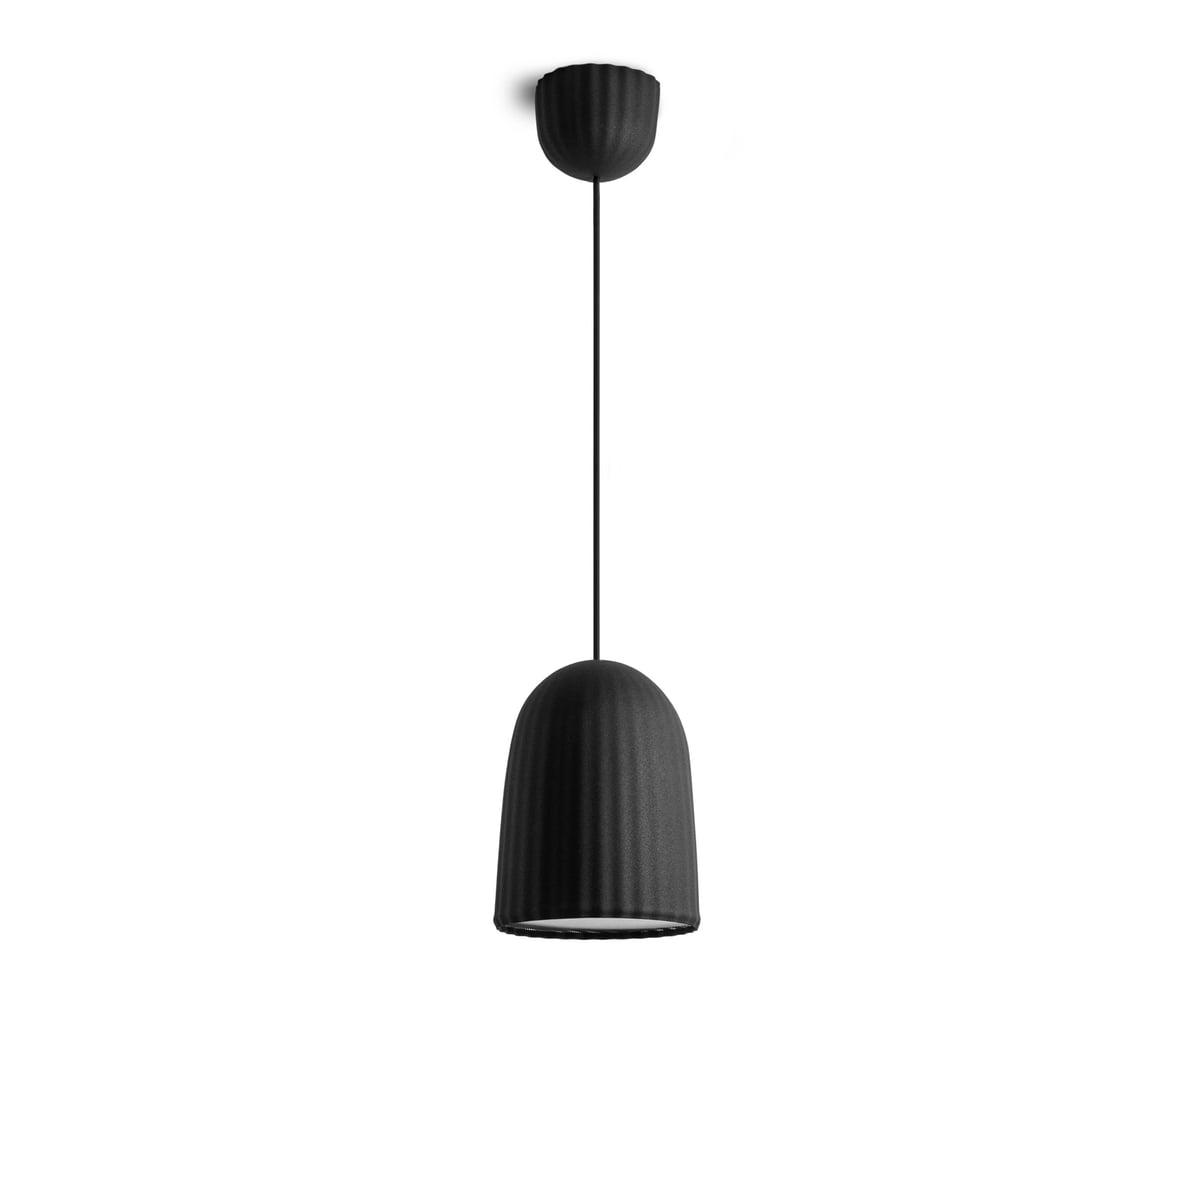 lampe chains par petite friture connox. Black Bedroom Furniture Sets. Home Design Ideas